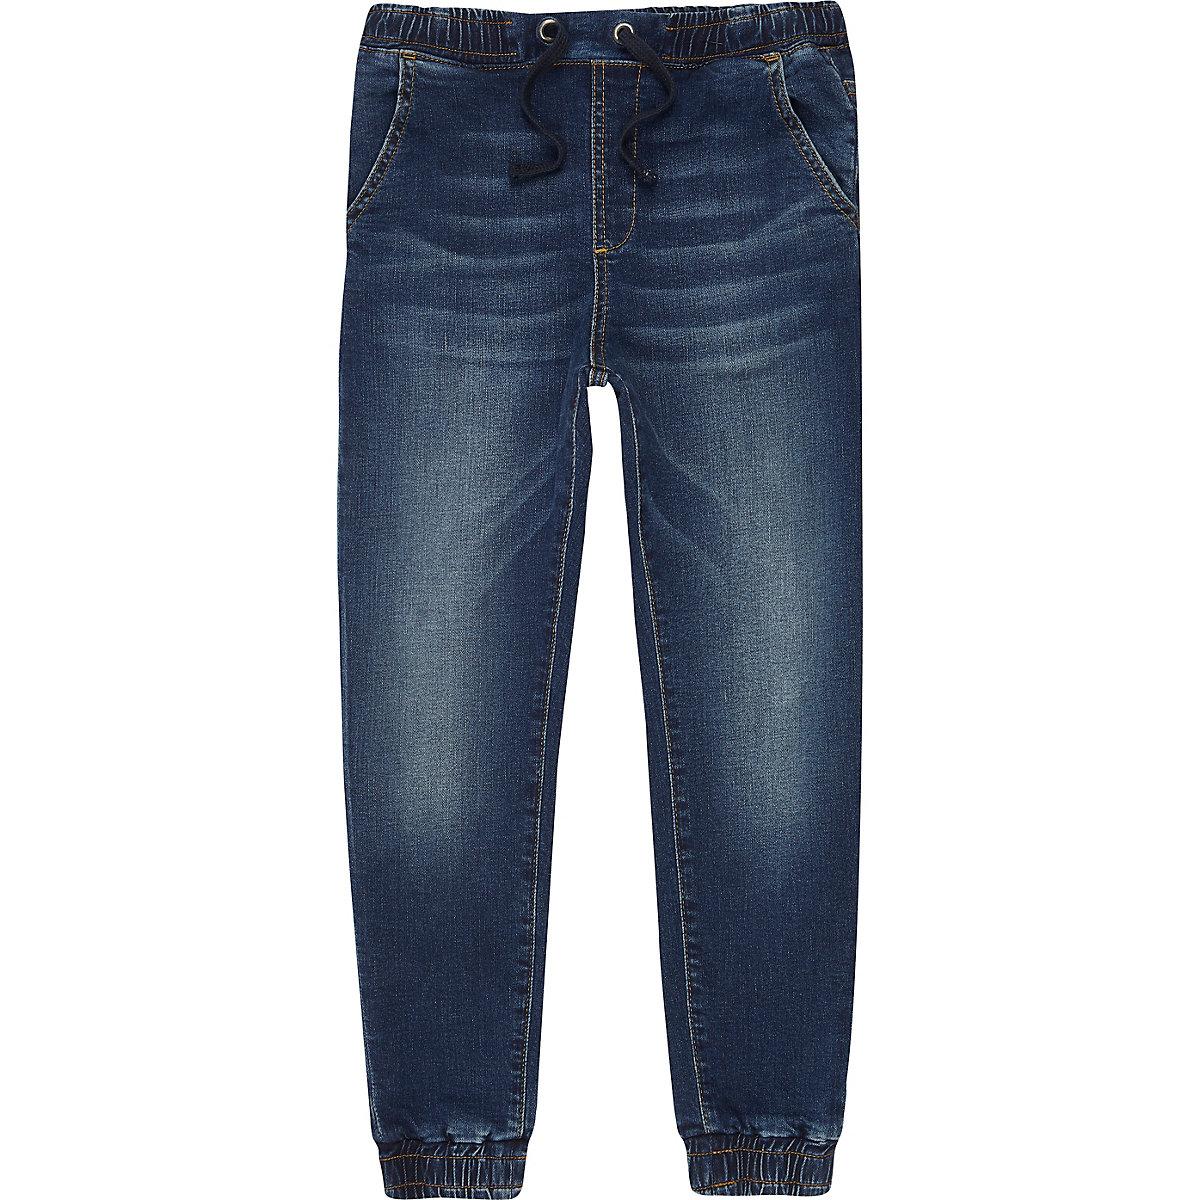 Ryan – Jean bleu foncé délavé style pantalon de jogging pour garçon